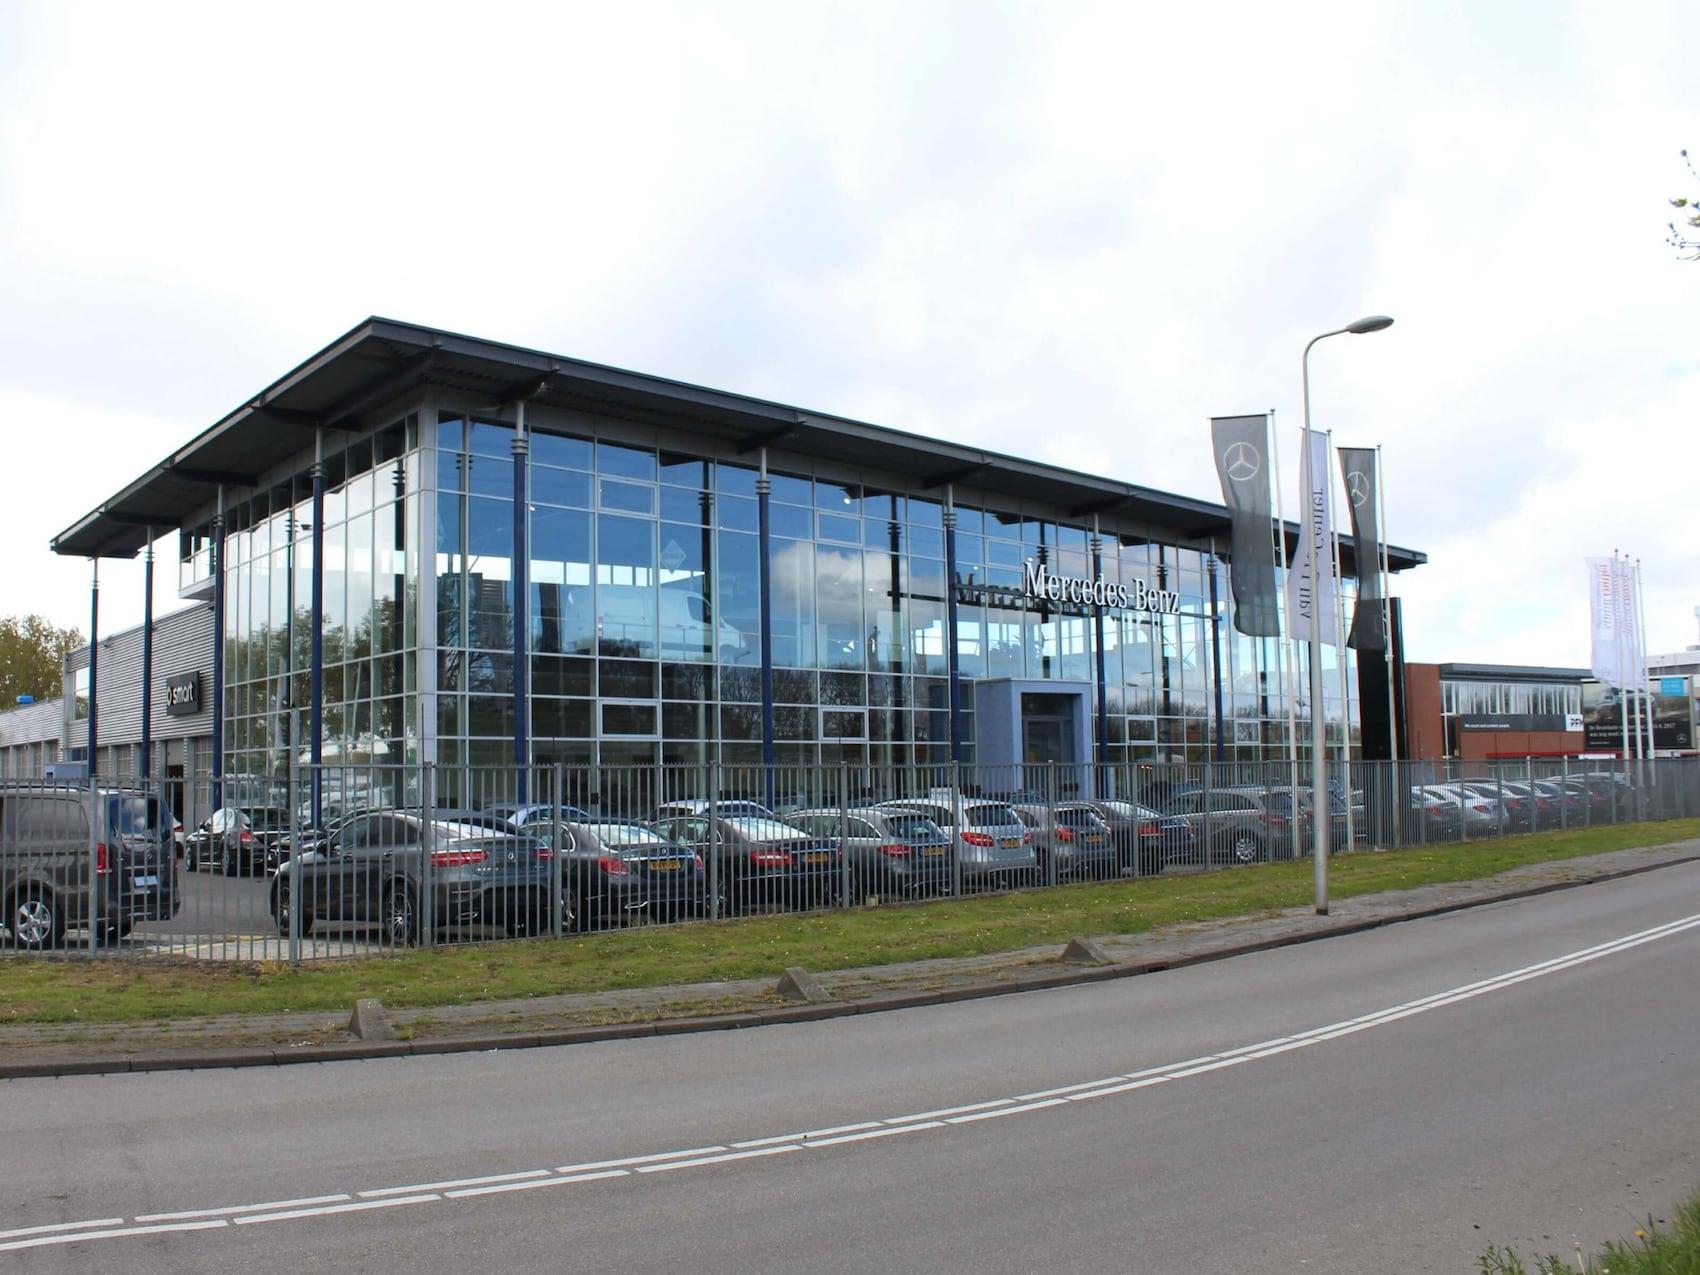 Mercedes-Benz vestiging Alphen ad Rijn